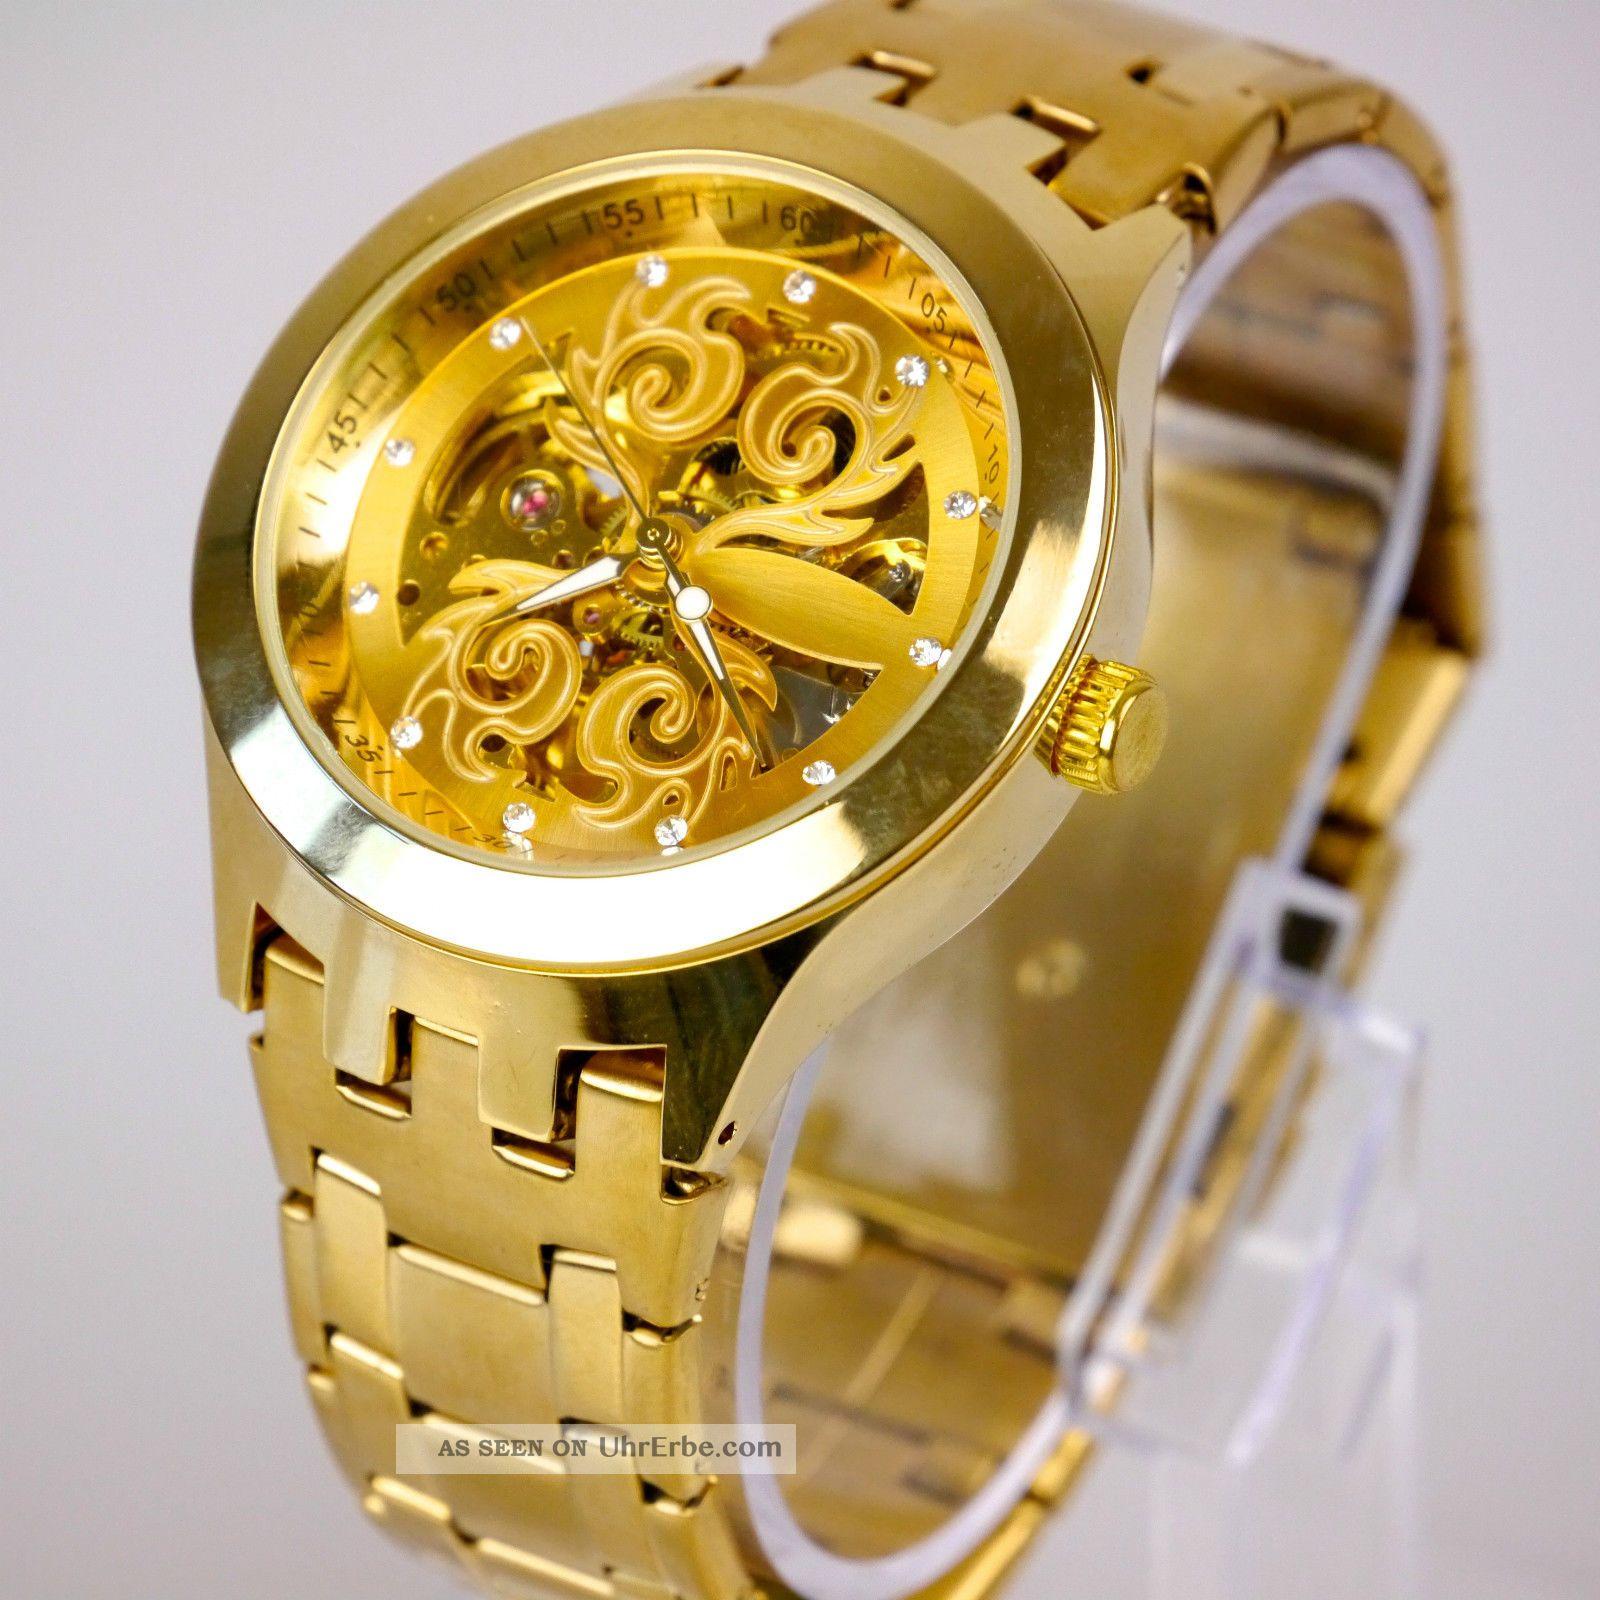 elegante herren vive automatik armband uhr goldene uhrwerk gold uvp 69. Black Bedroom Furniture Sets. Home Design Ideas